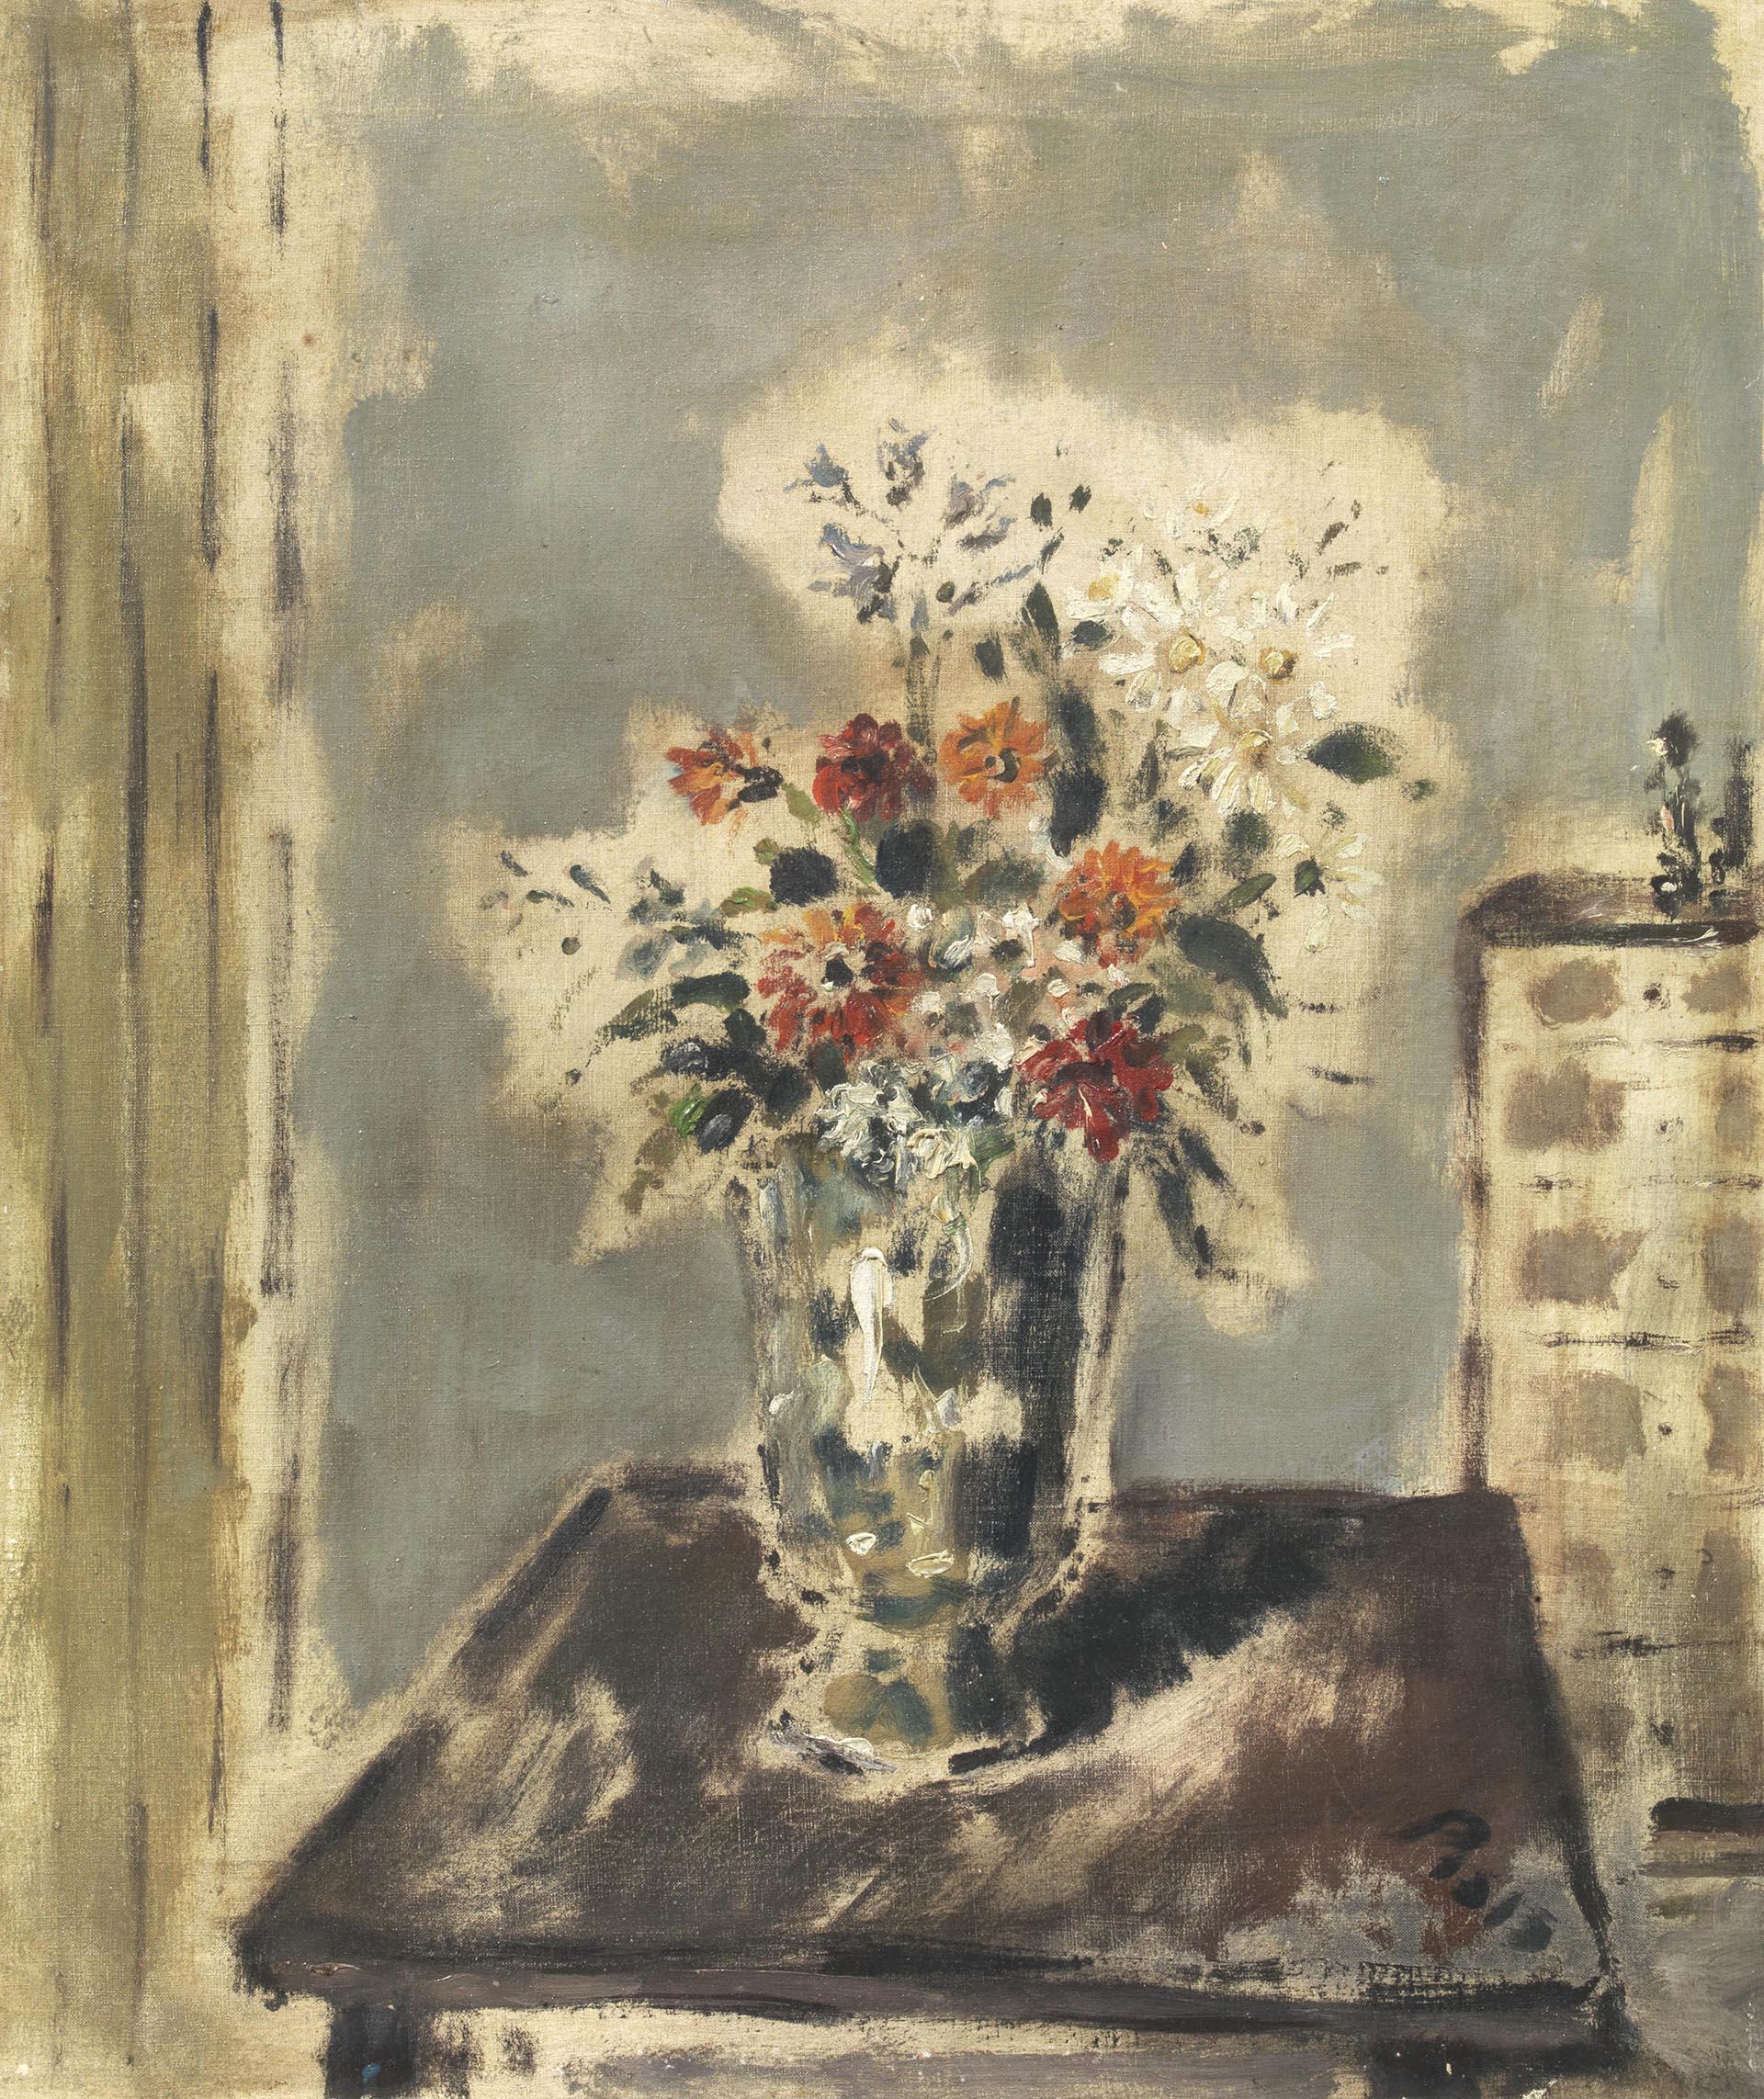 De Pisis, Vaso di fiori in un interno, 1945 ca, 60x50 cm